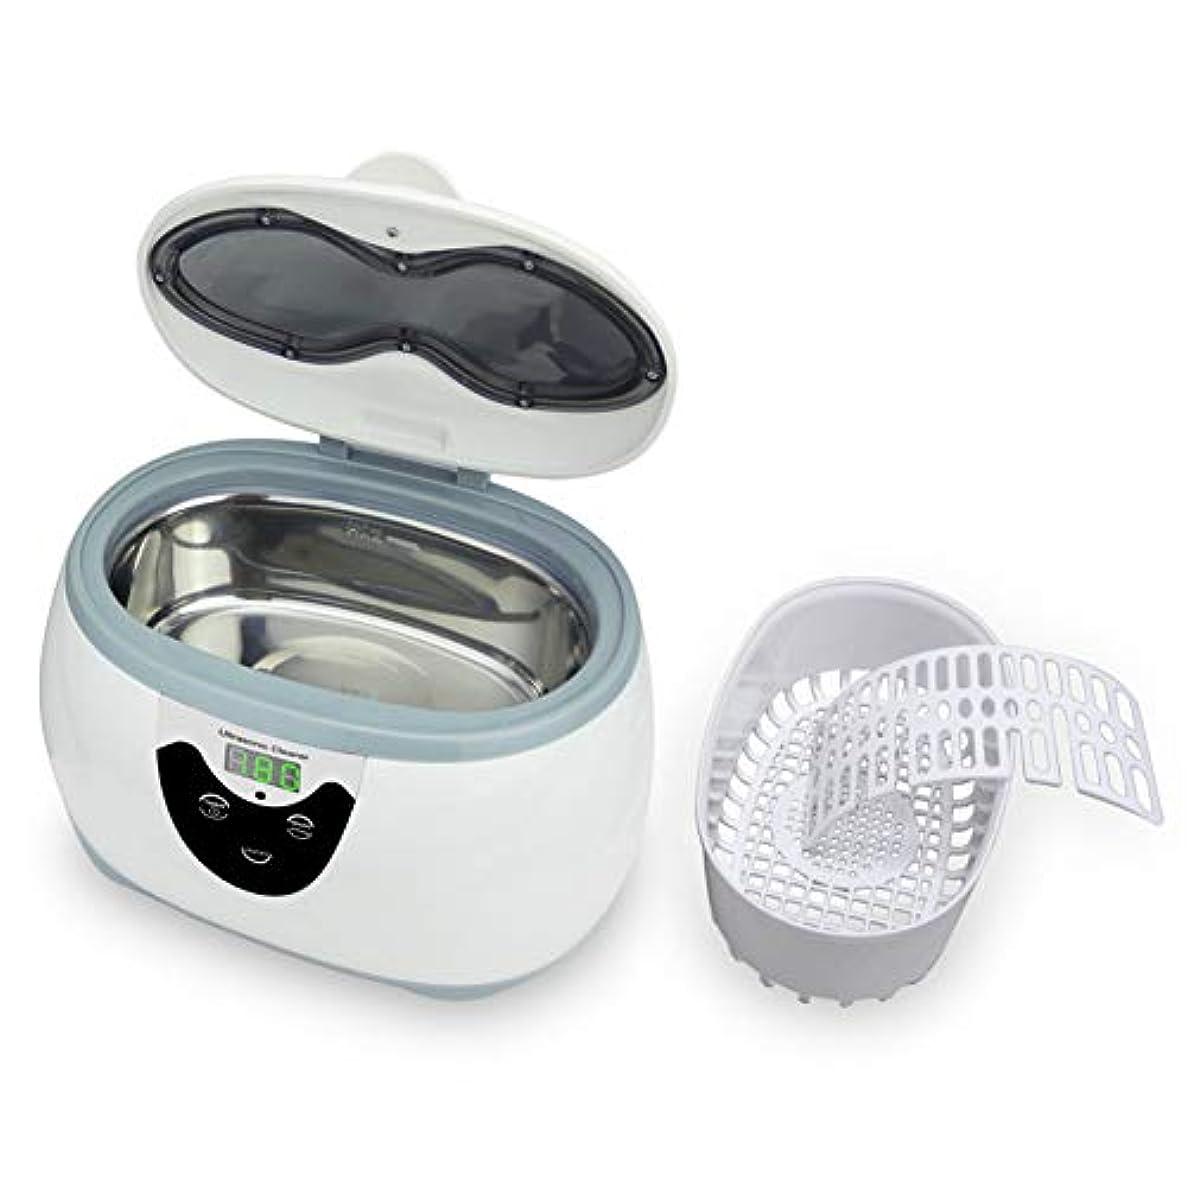 ヒョウサバント輸血ネイルツールおよび歯科用ツール用超音波クリーナー-オートクレーブマニキュアネイル滅菌器